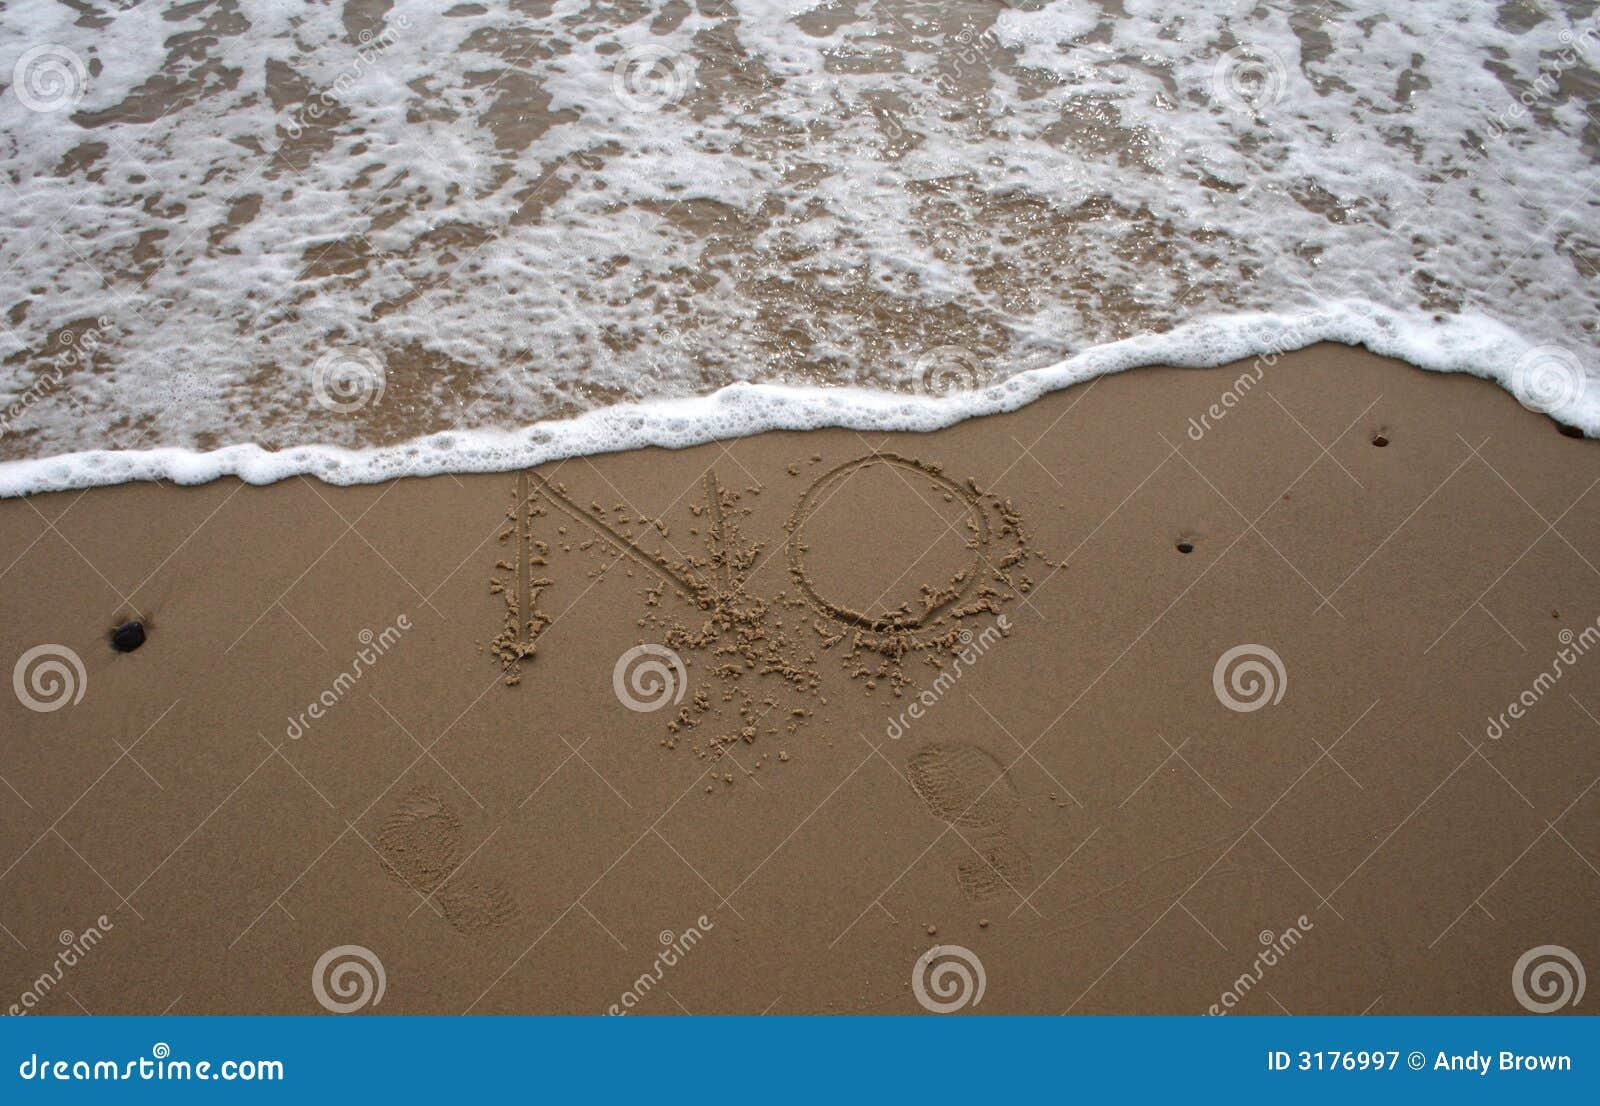 Het schrijven van het zand - nr 2